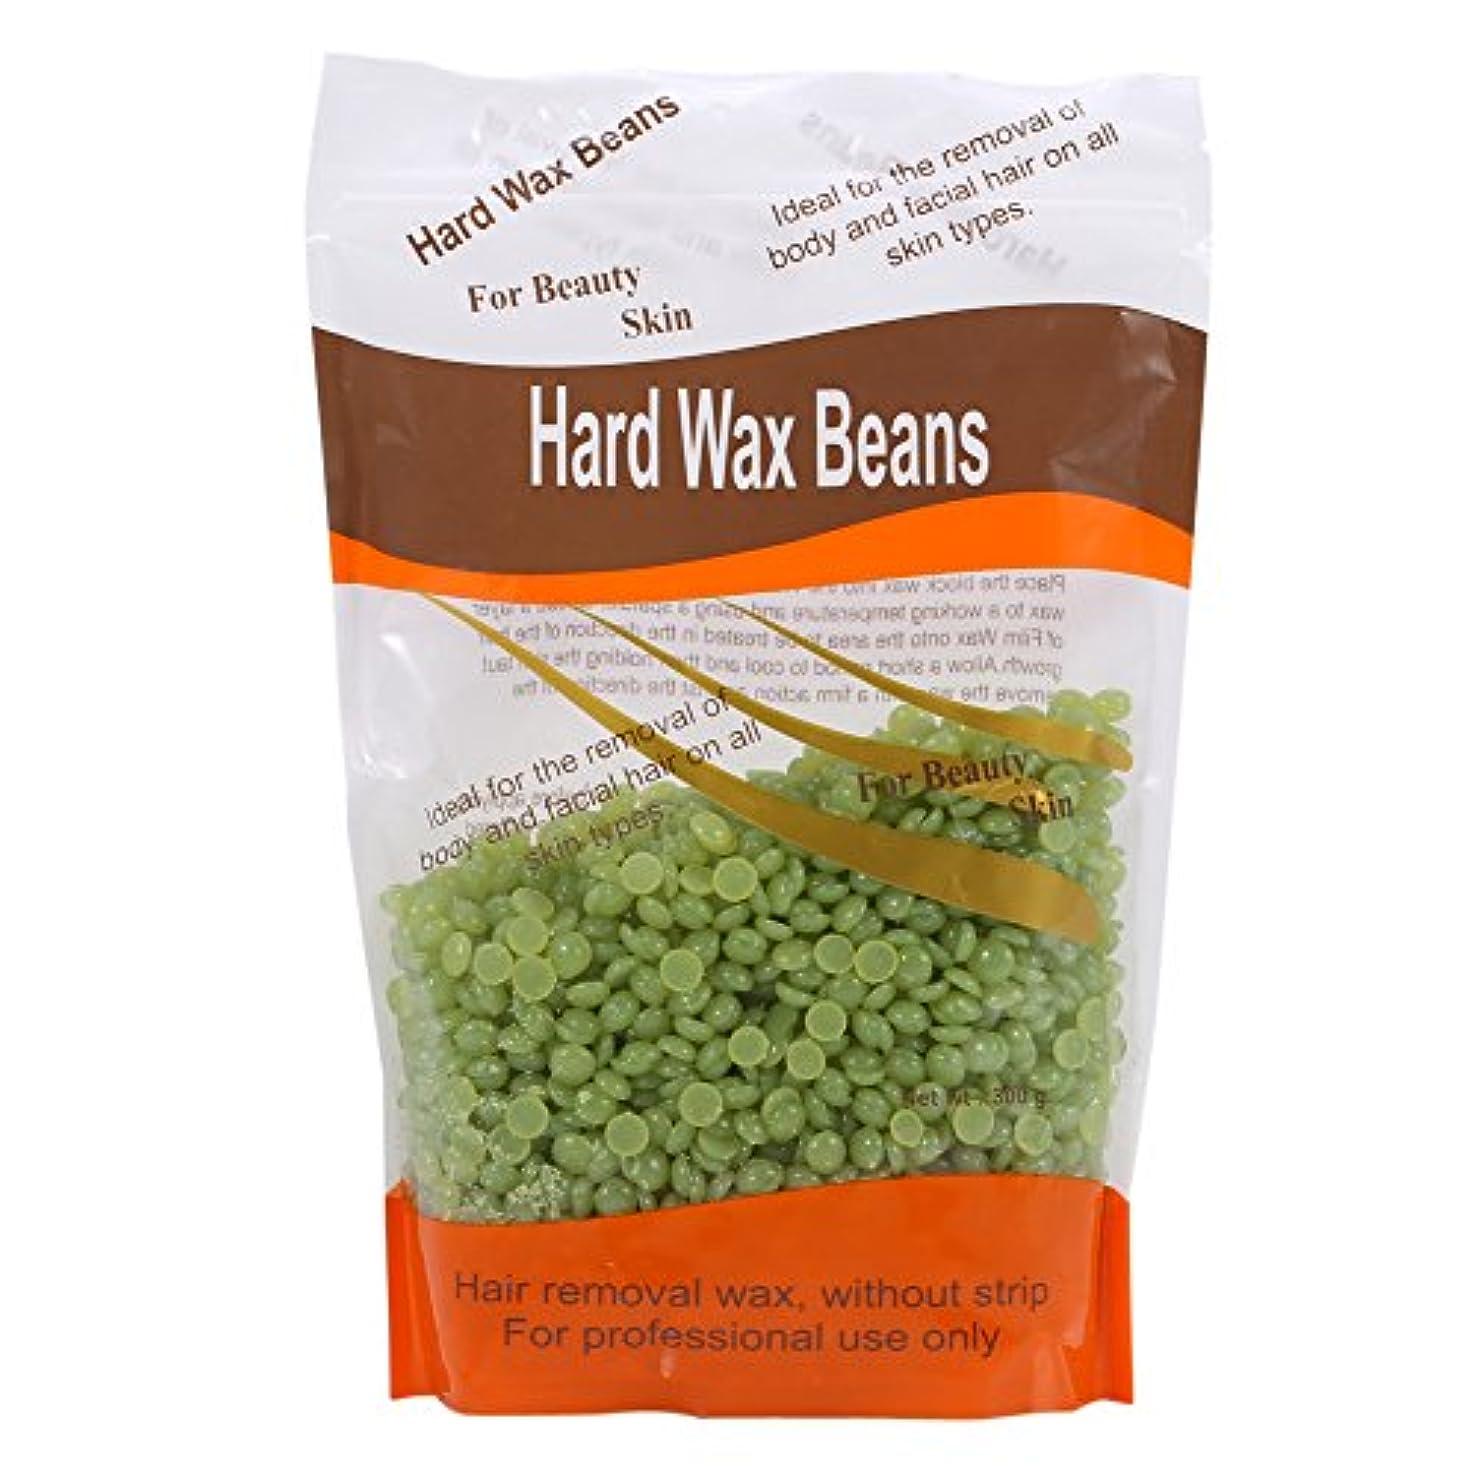 体細胞九雑種Eboxer 脱毛ワックス 粒状ハード 天然 安全 健康 保湿 七つのにおいを選ぶことができ 体は魅力的な香りを発散させる(ティーツリー)